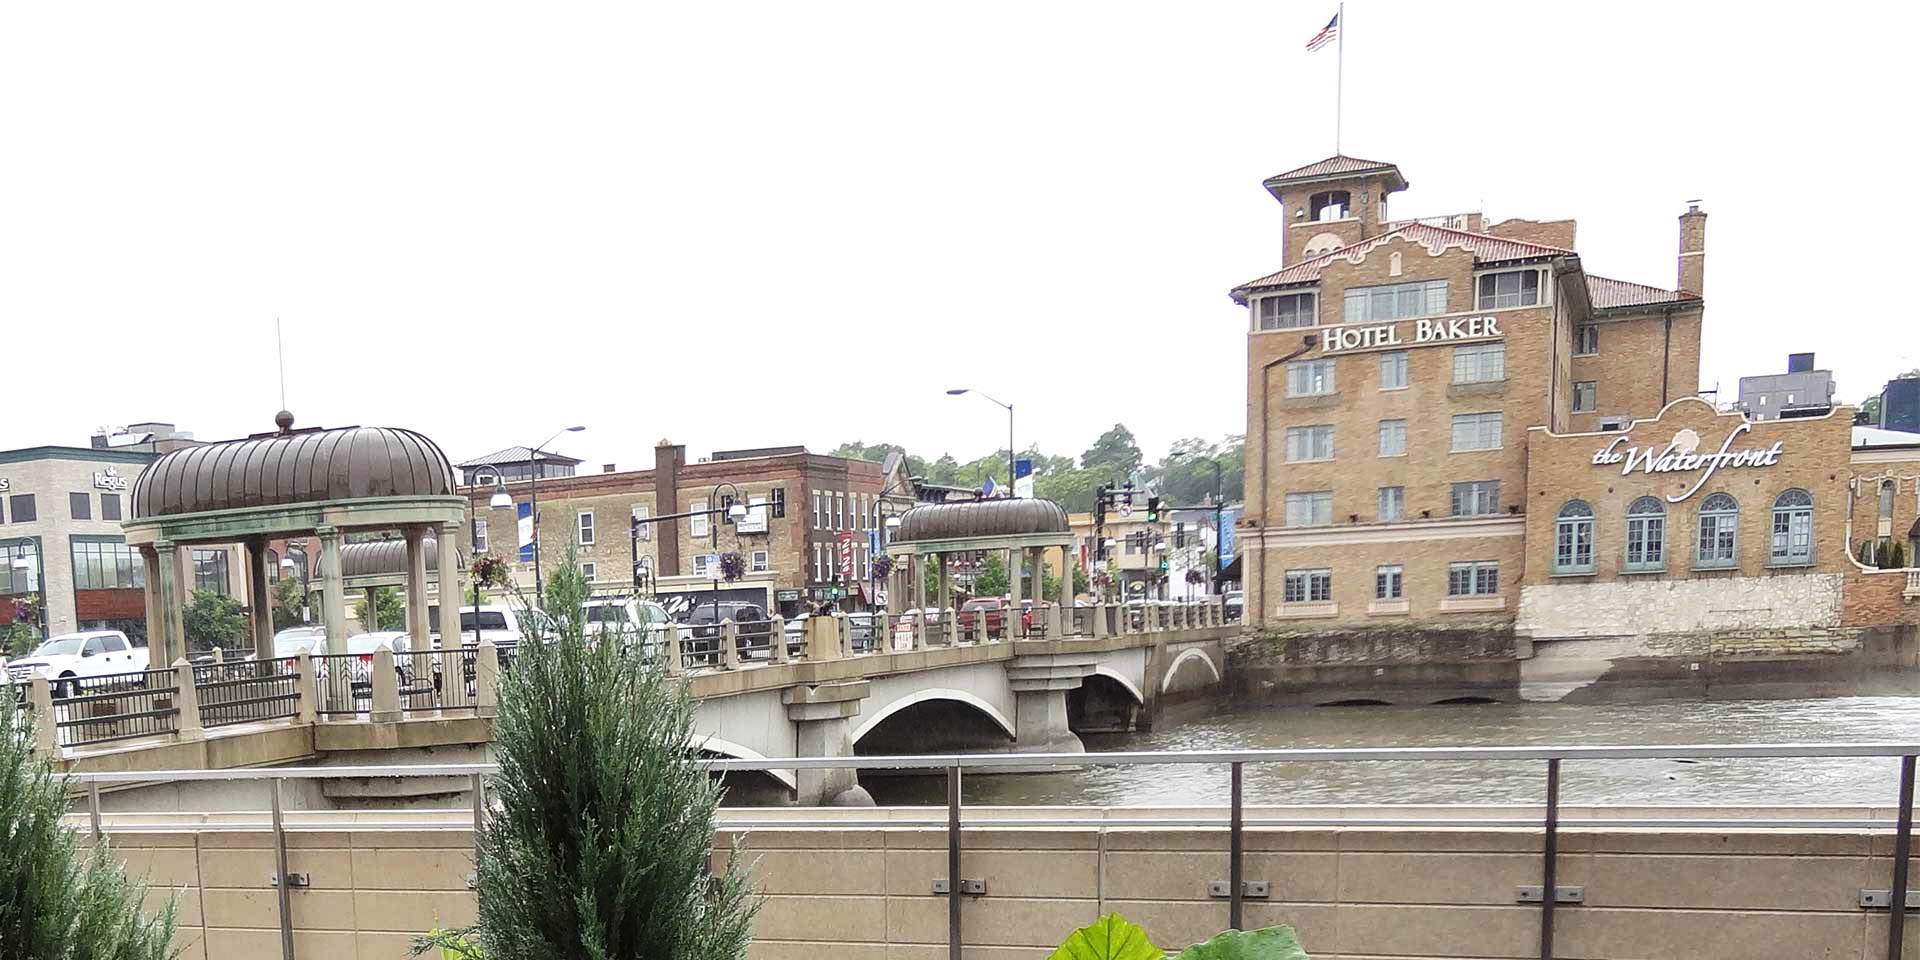 St Charles IL - Fox River